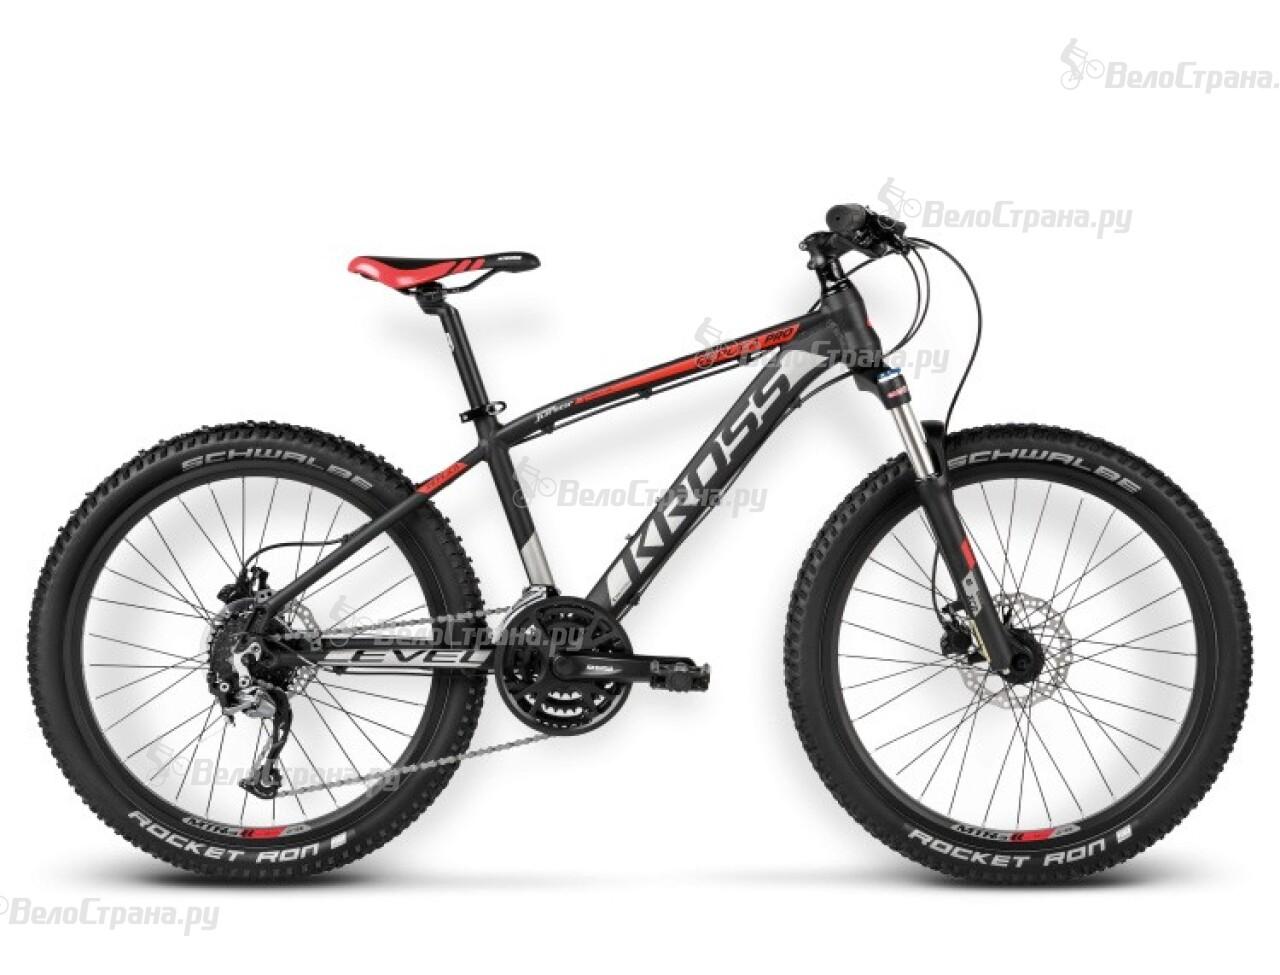 Велосипед Kross Level Replica Pro (2016)